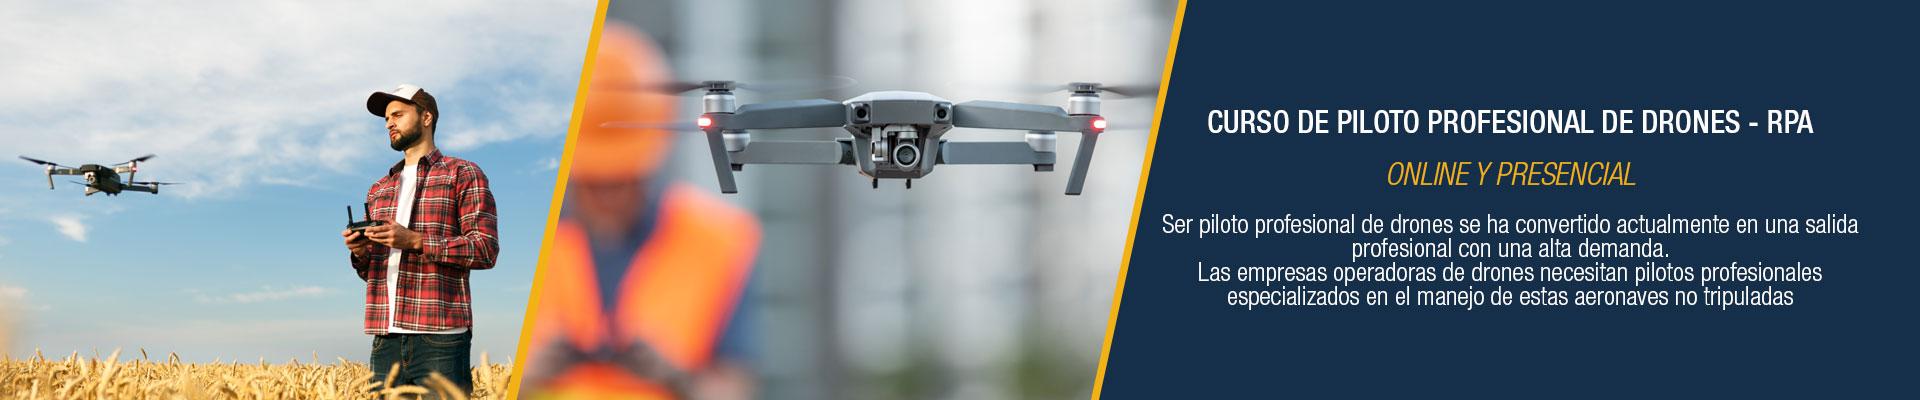 slide-drone-cursos